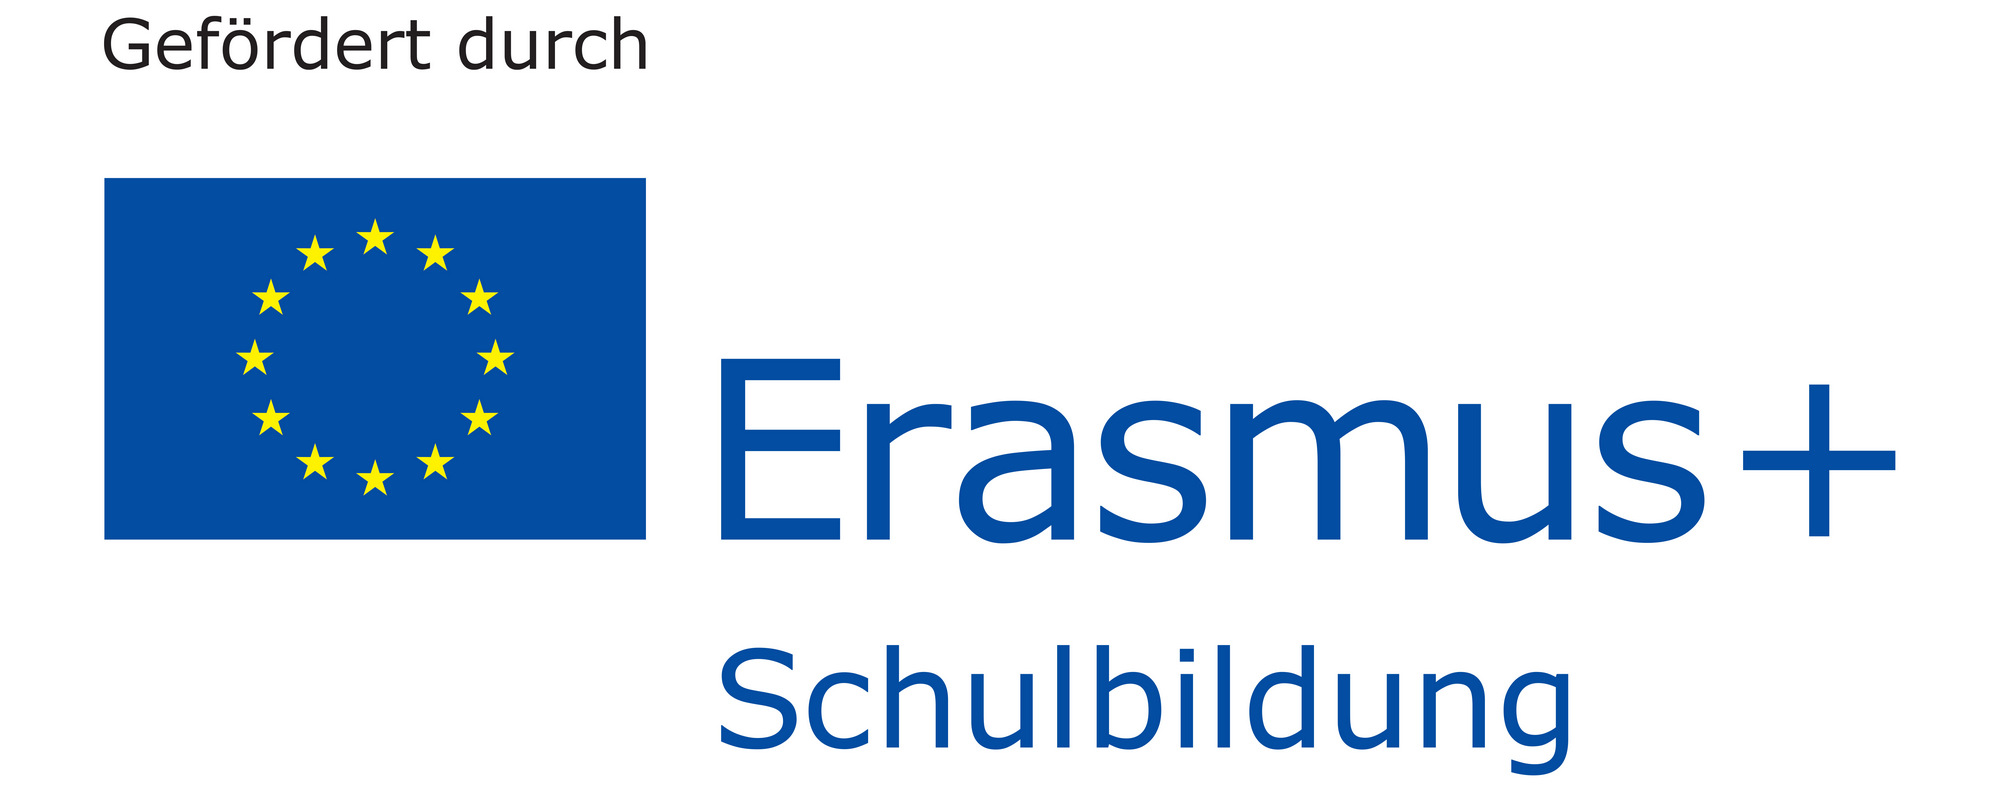 Das Ritze ist Teil des ERASMUS+ Netzwerks